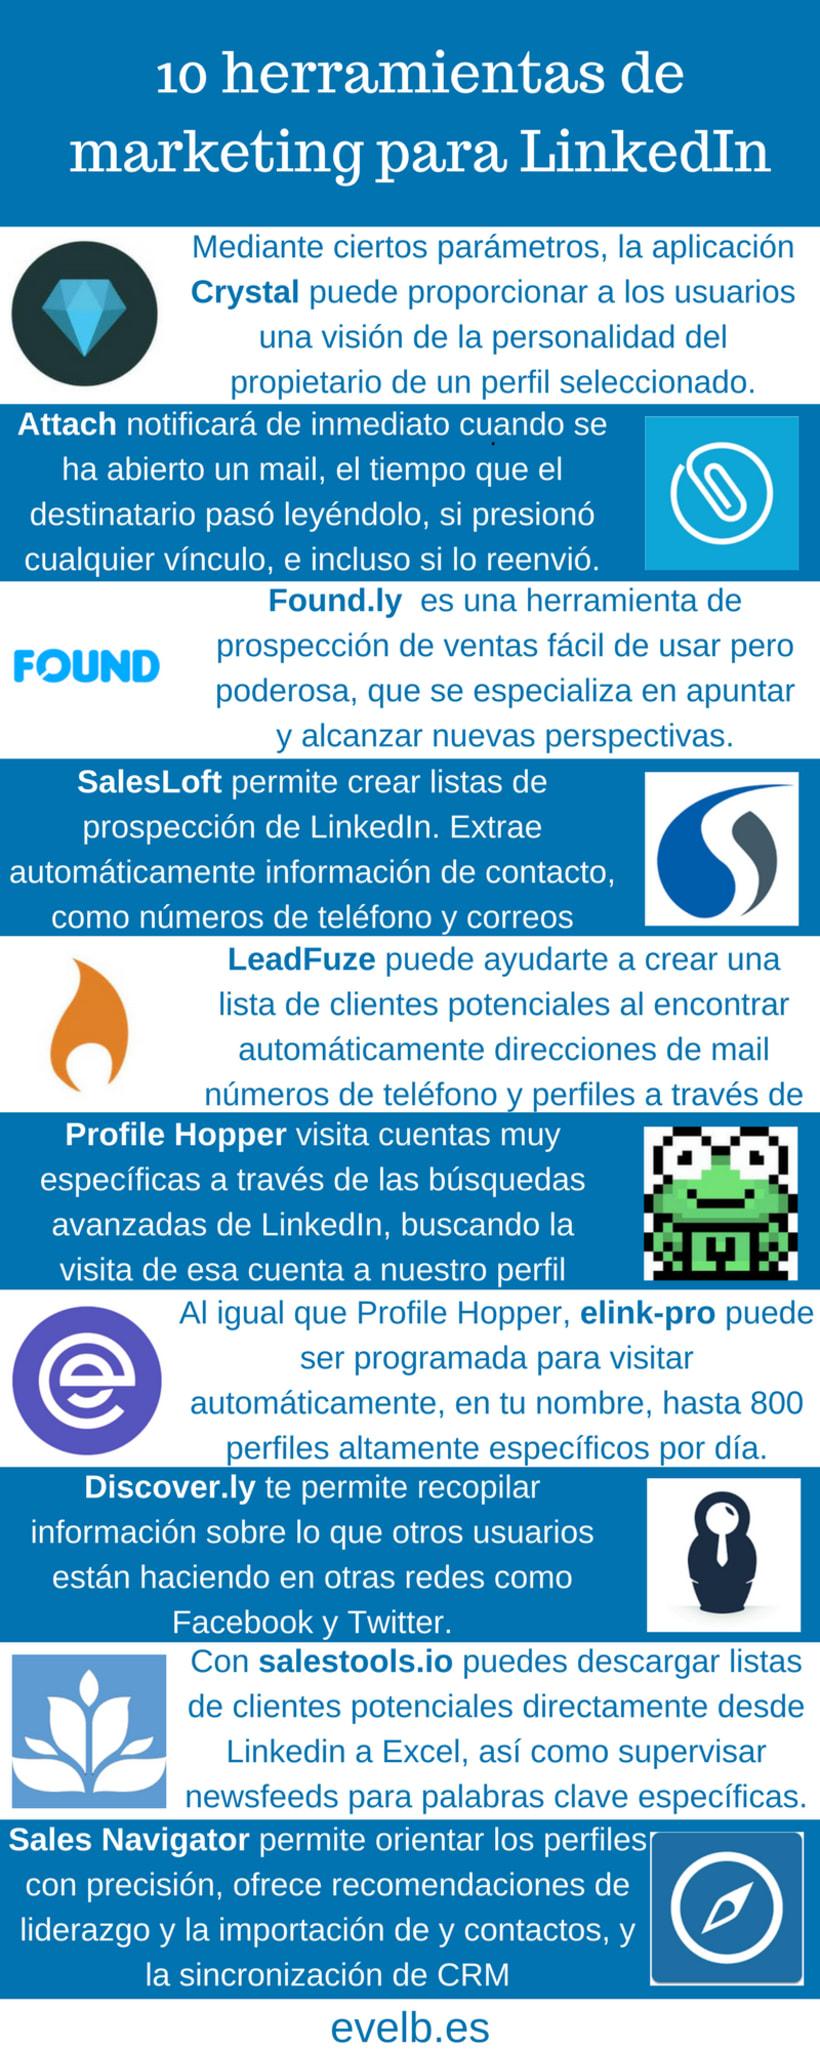 Infografías evelb.es 13